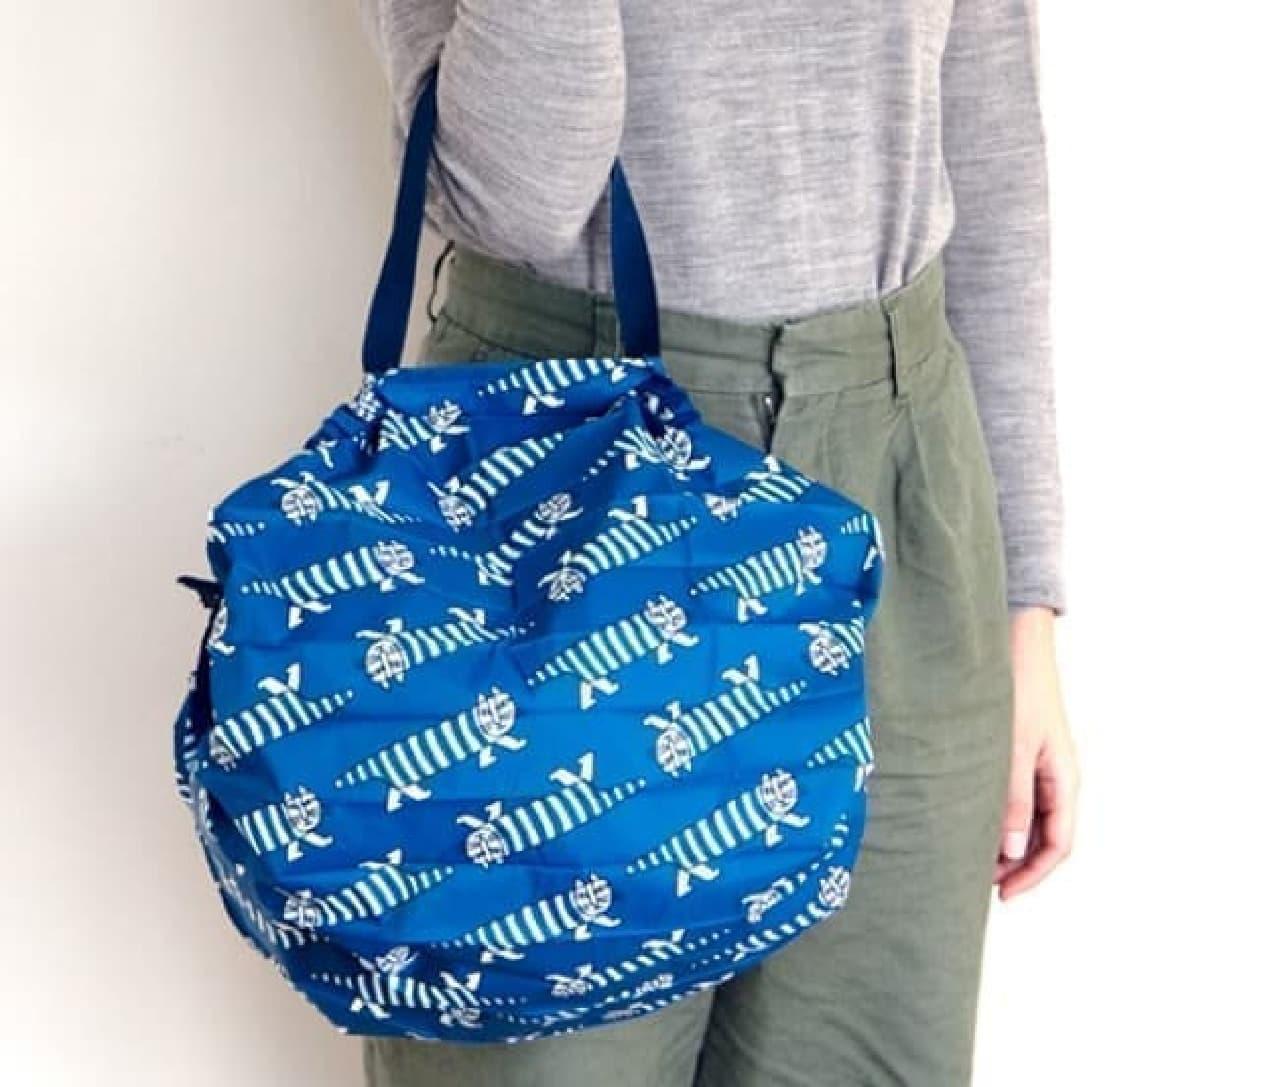 リサ・ラーソンとエコバッグ「シュパット」がコラボ--可愛いマイキーでいっぱいに